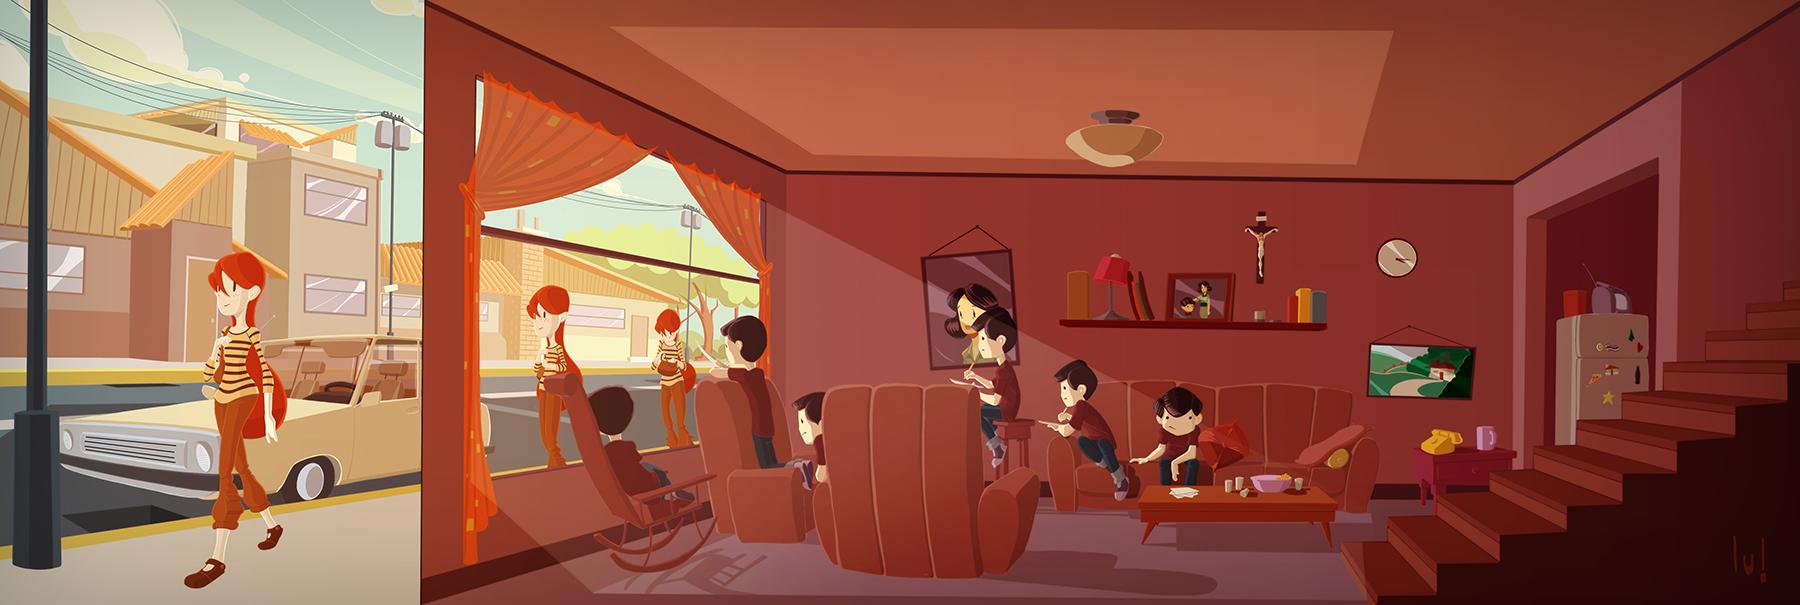 animation-insider-vault-bg-red1.jpg - Animation Insider